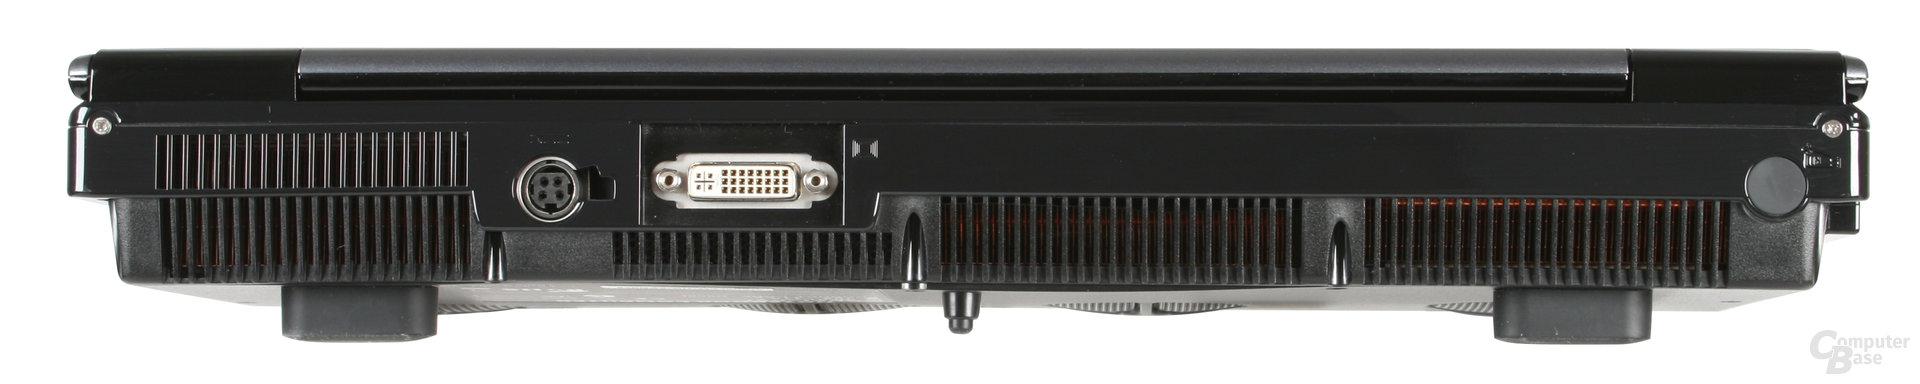 Eurocom D900F Panther